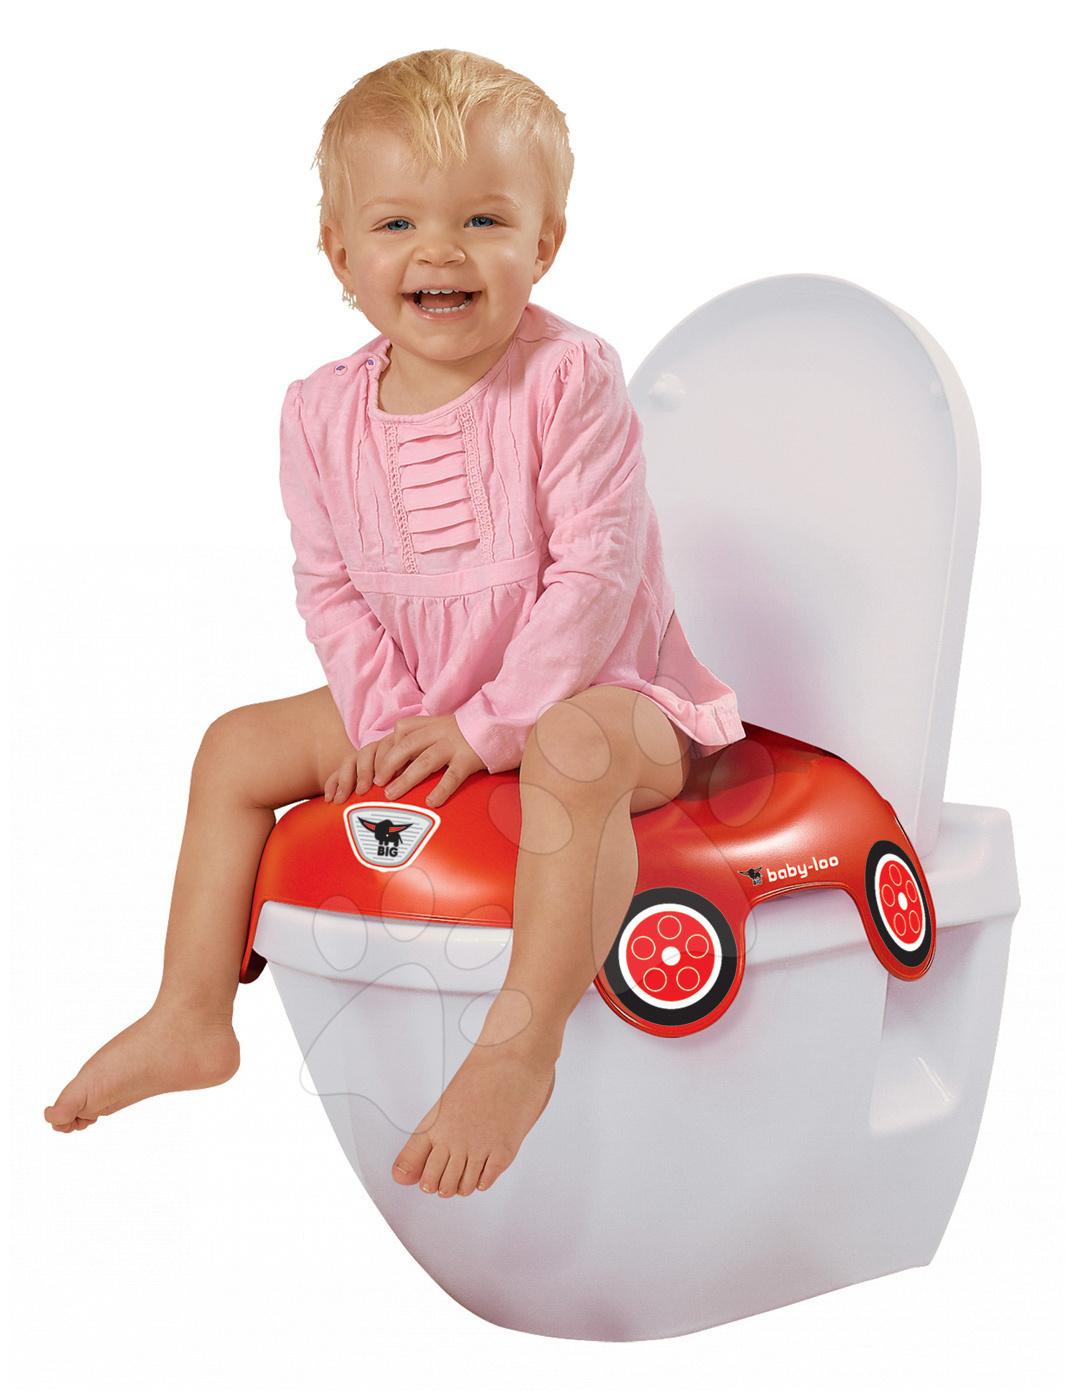 Nočníky a redukcie na toaletu - Redukcia na toaletu autíčko BIG červená od 18 mesiacov